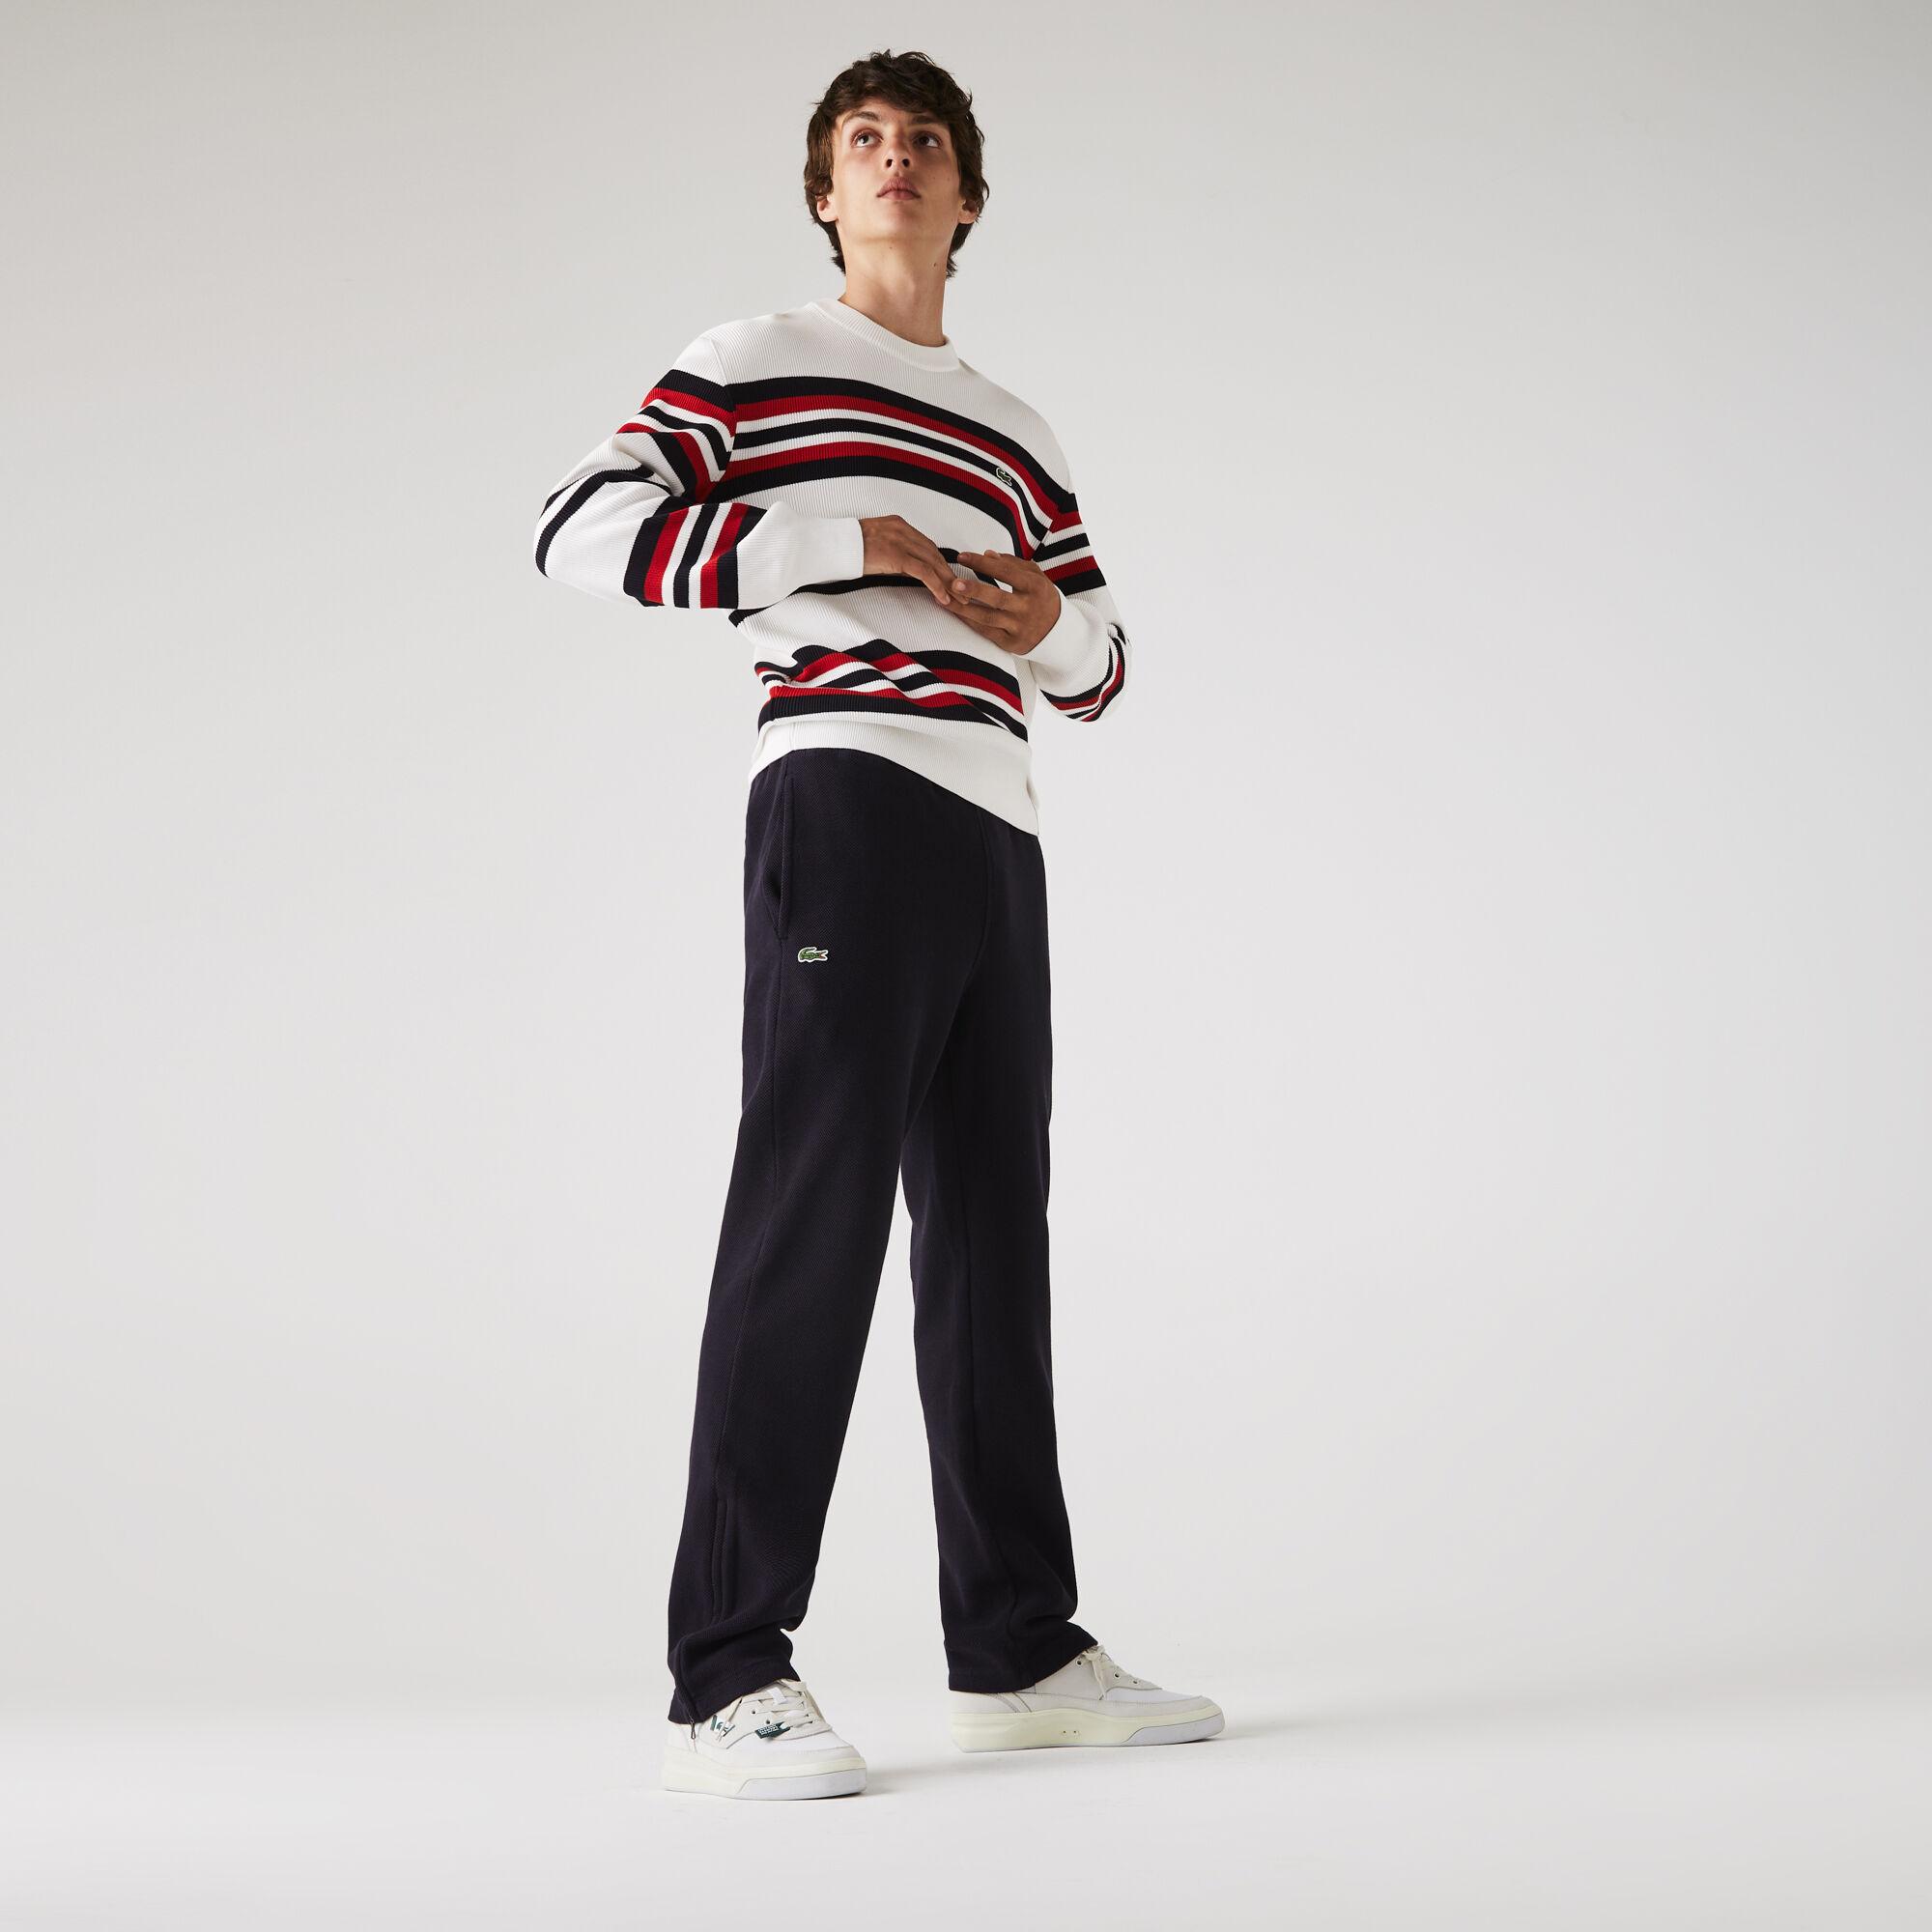 Men's Organic Cotton Piqué jogging pants